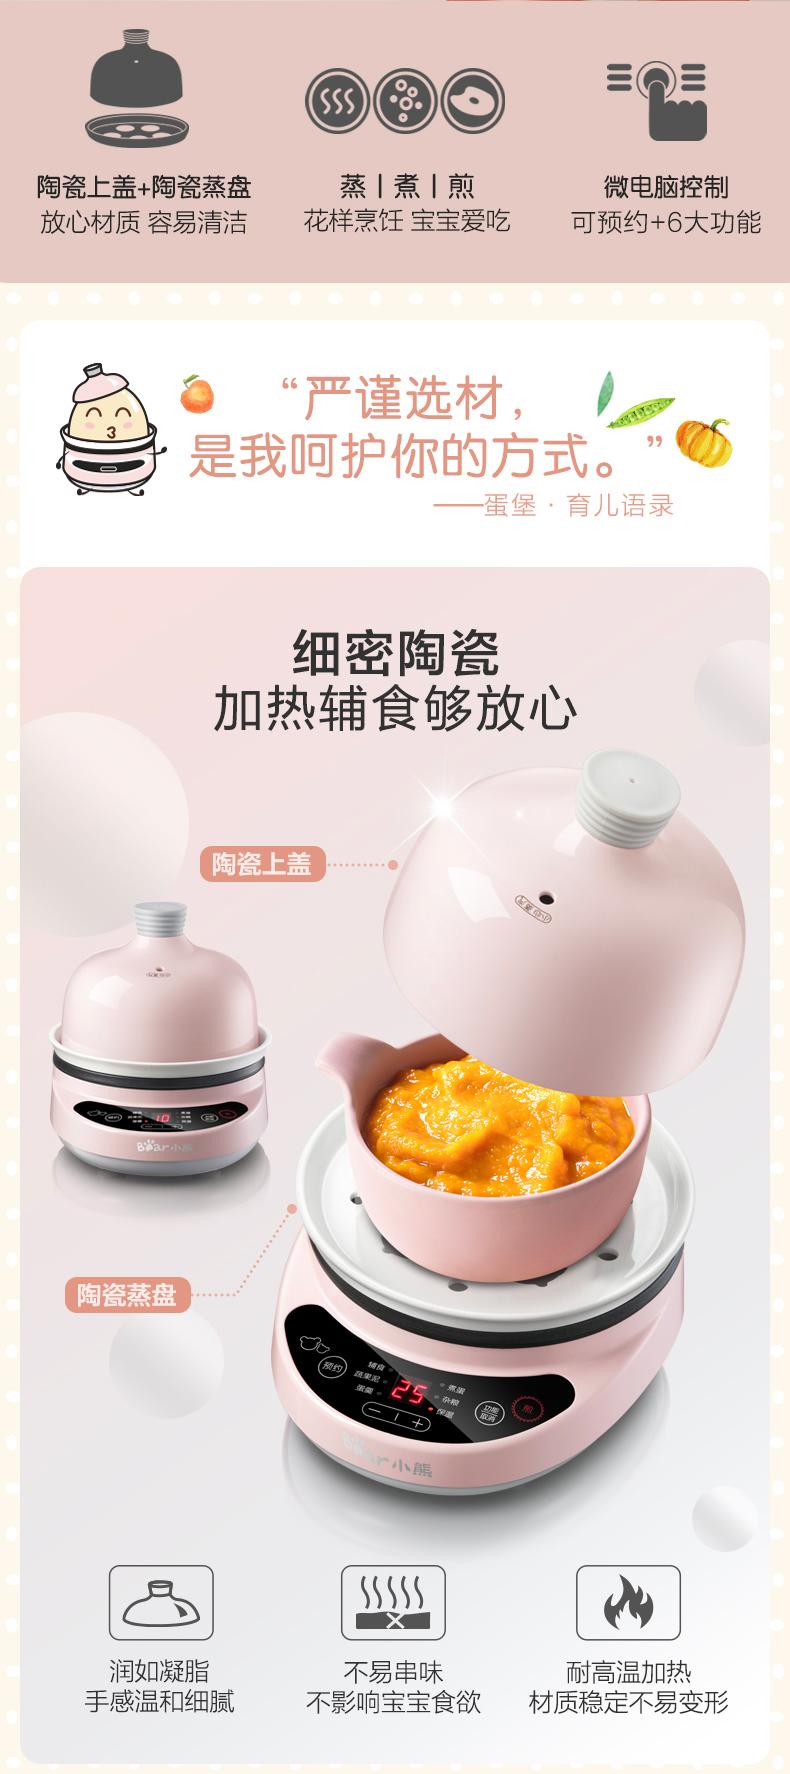 煮蛋器ZDQ-B05C1描述设计输出文件12_02.jpg